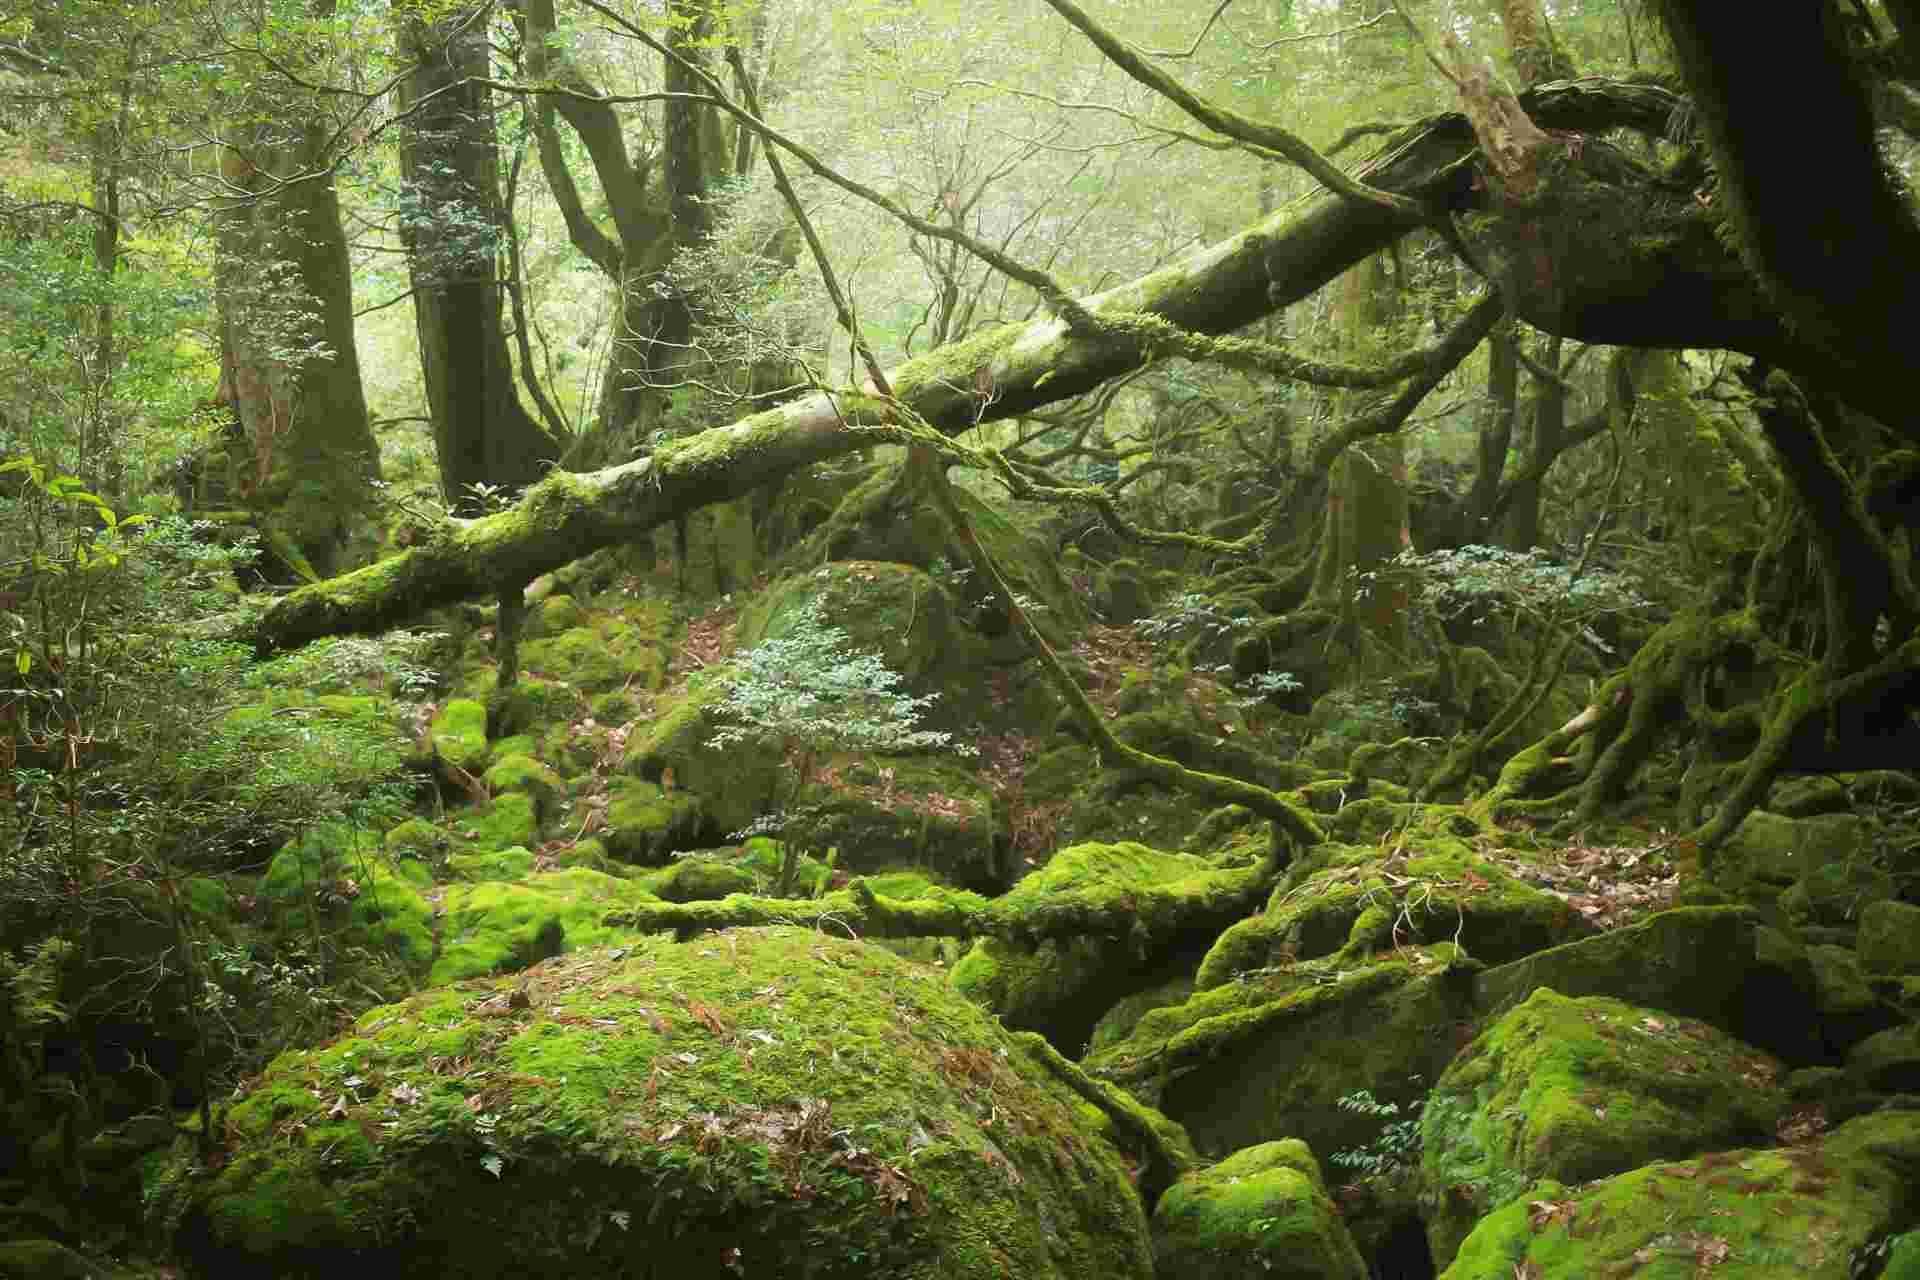 もののけ姫の舞台は屋久島と白神山地 モデルとなった場所や設定を紹介